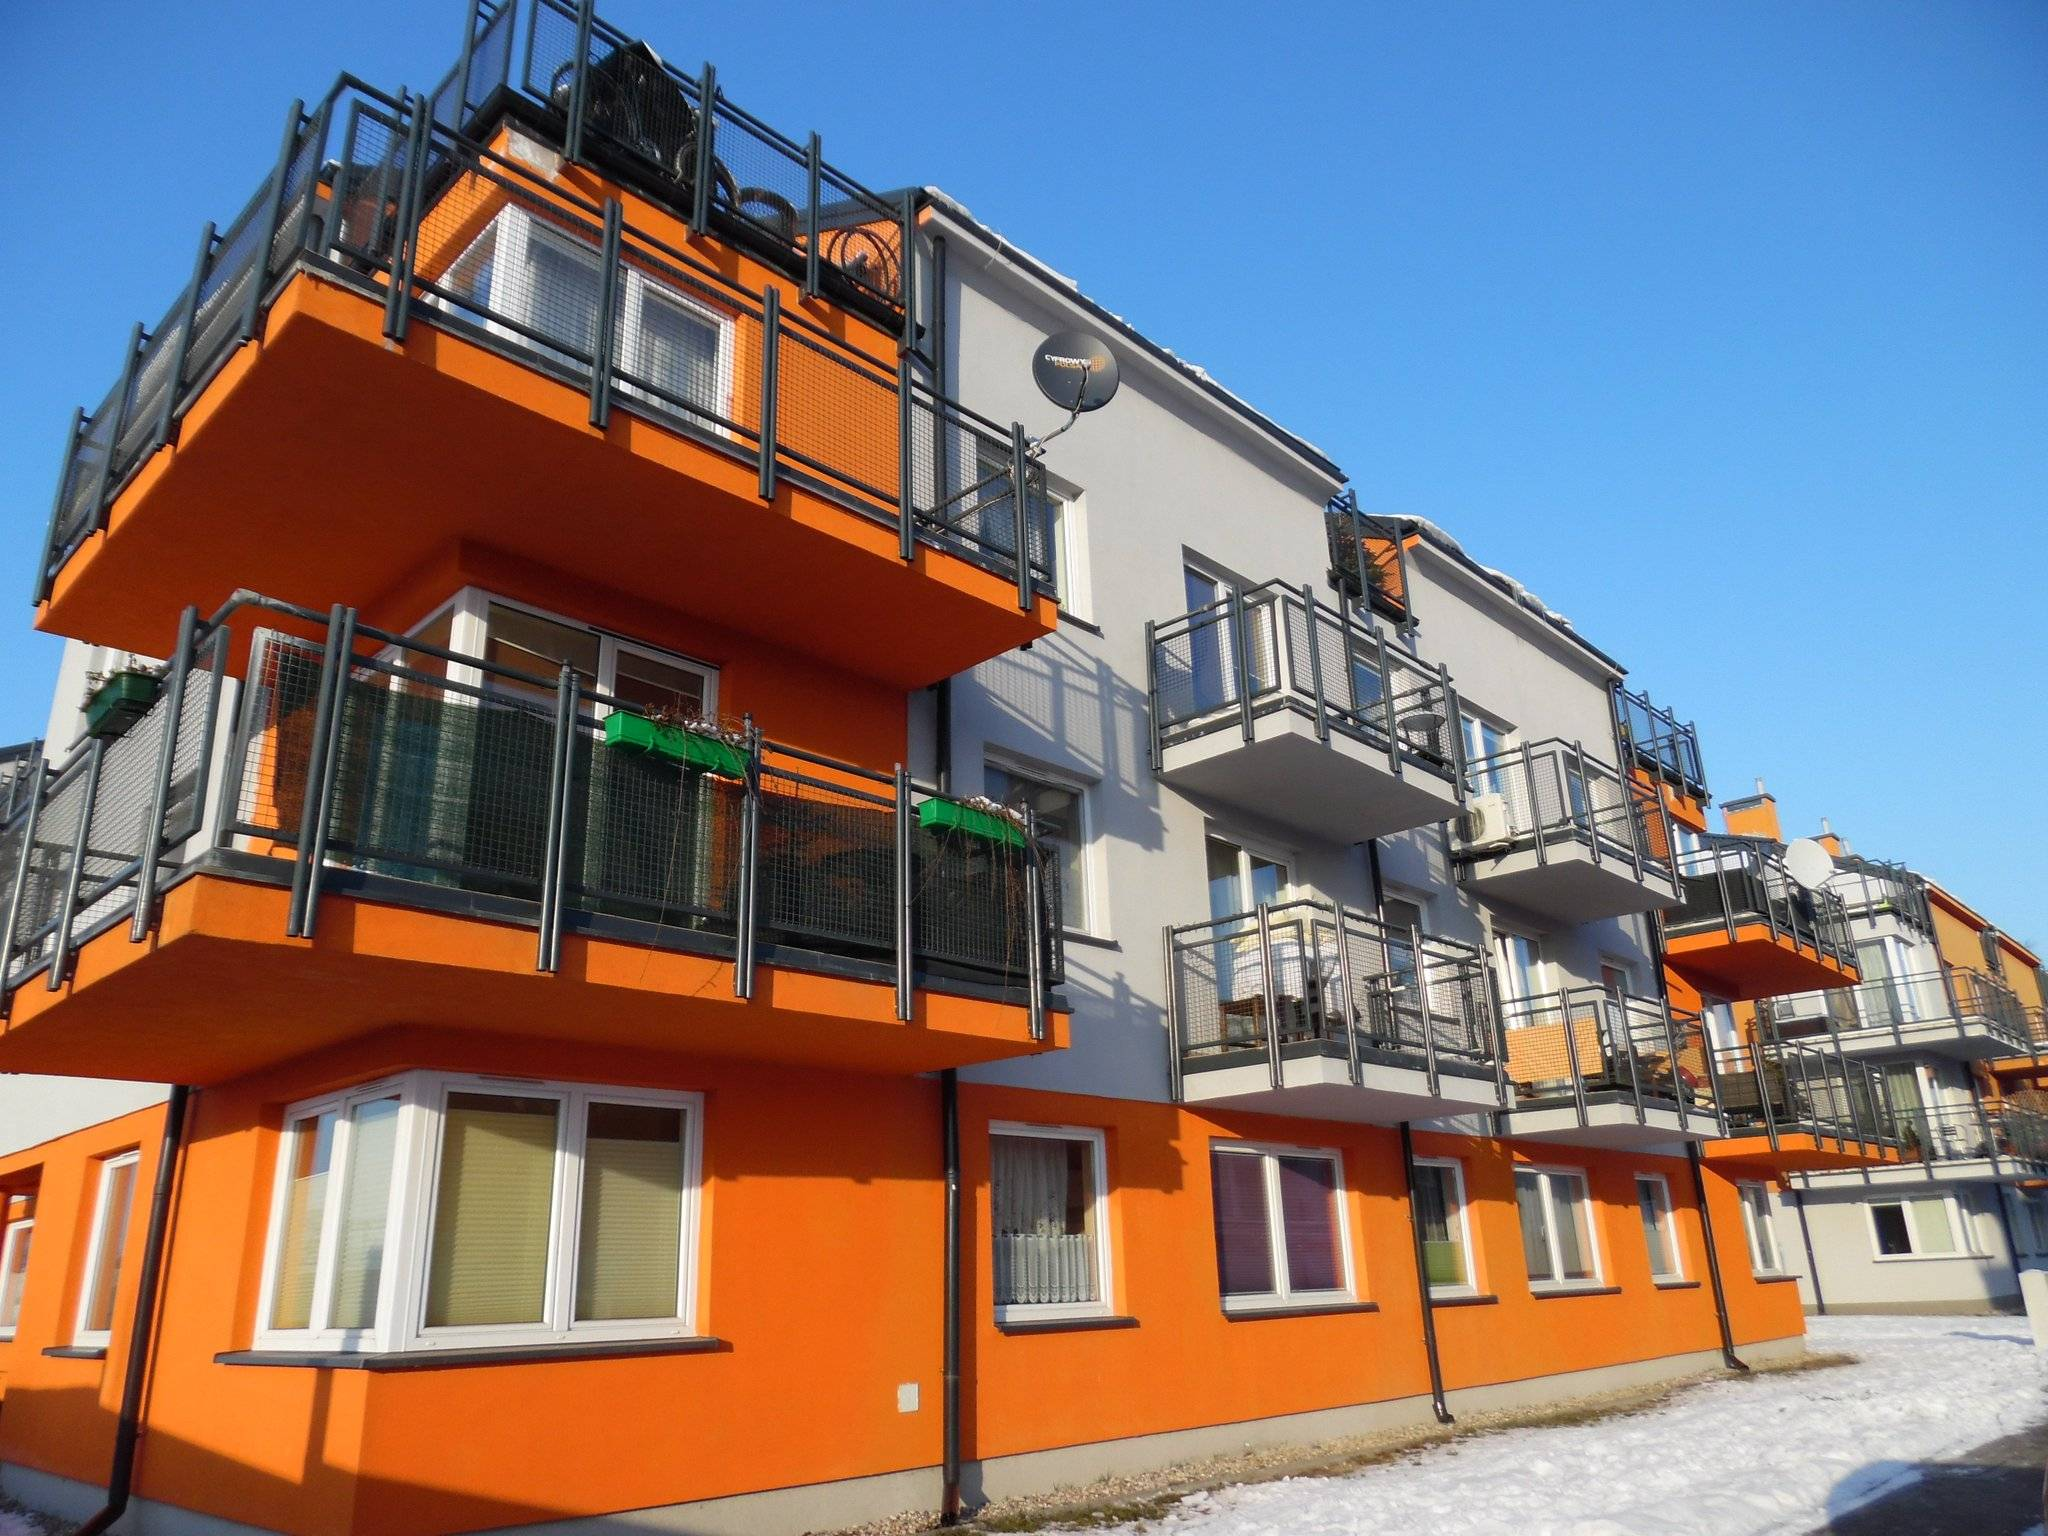 Жилье в польше, как найти и снять, лучшие сайты для поиска и аренды жилья